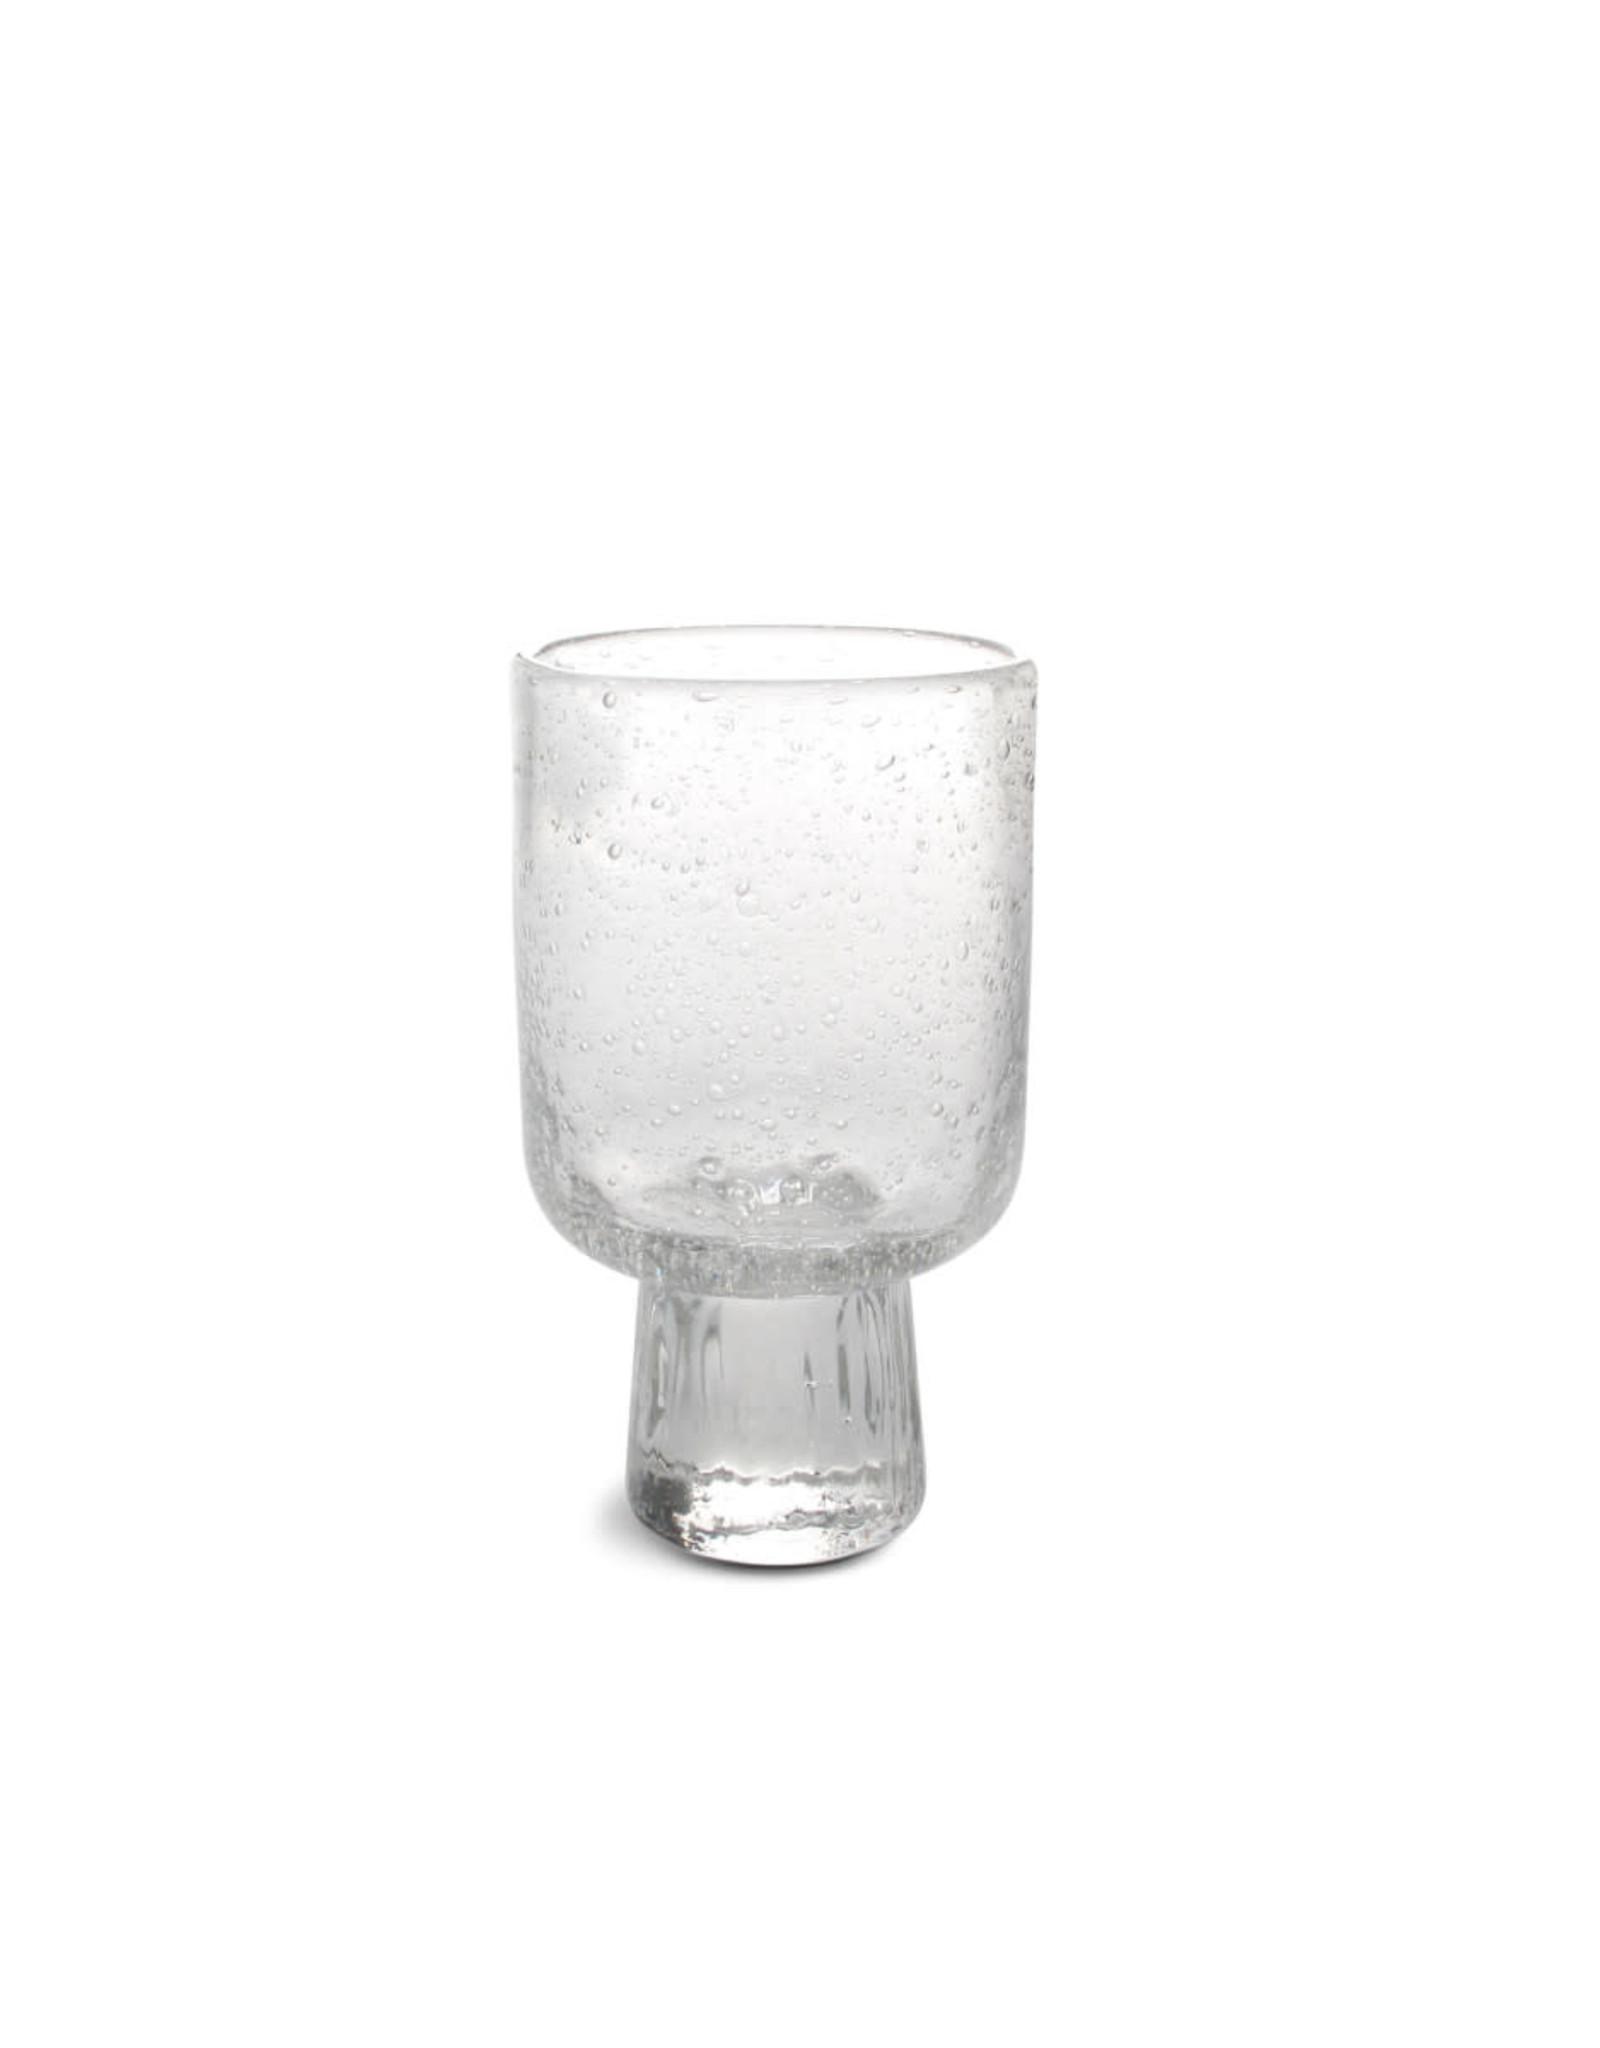 Glas op voetje - Bubble